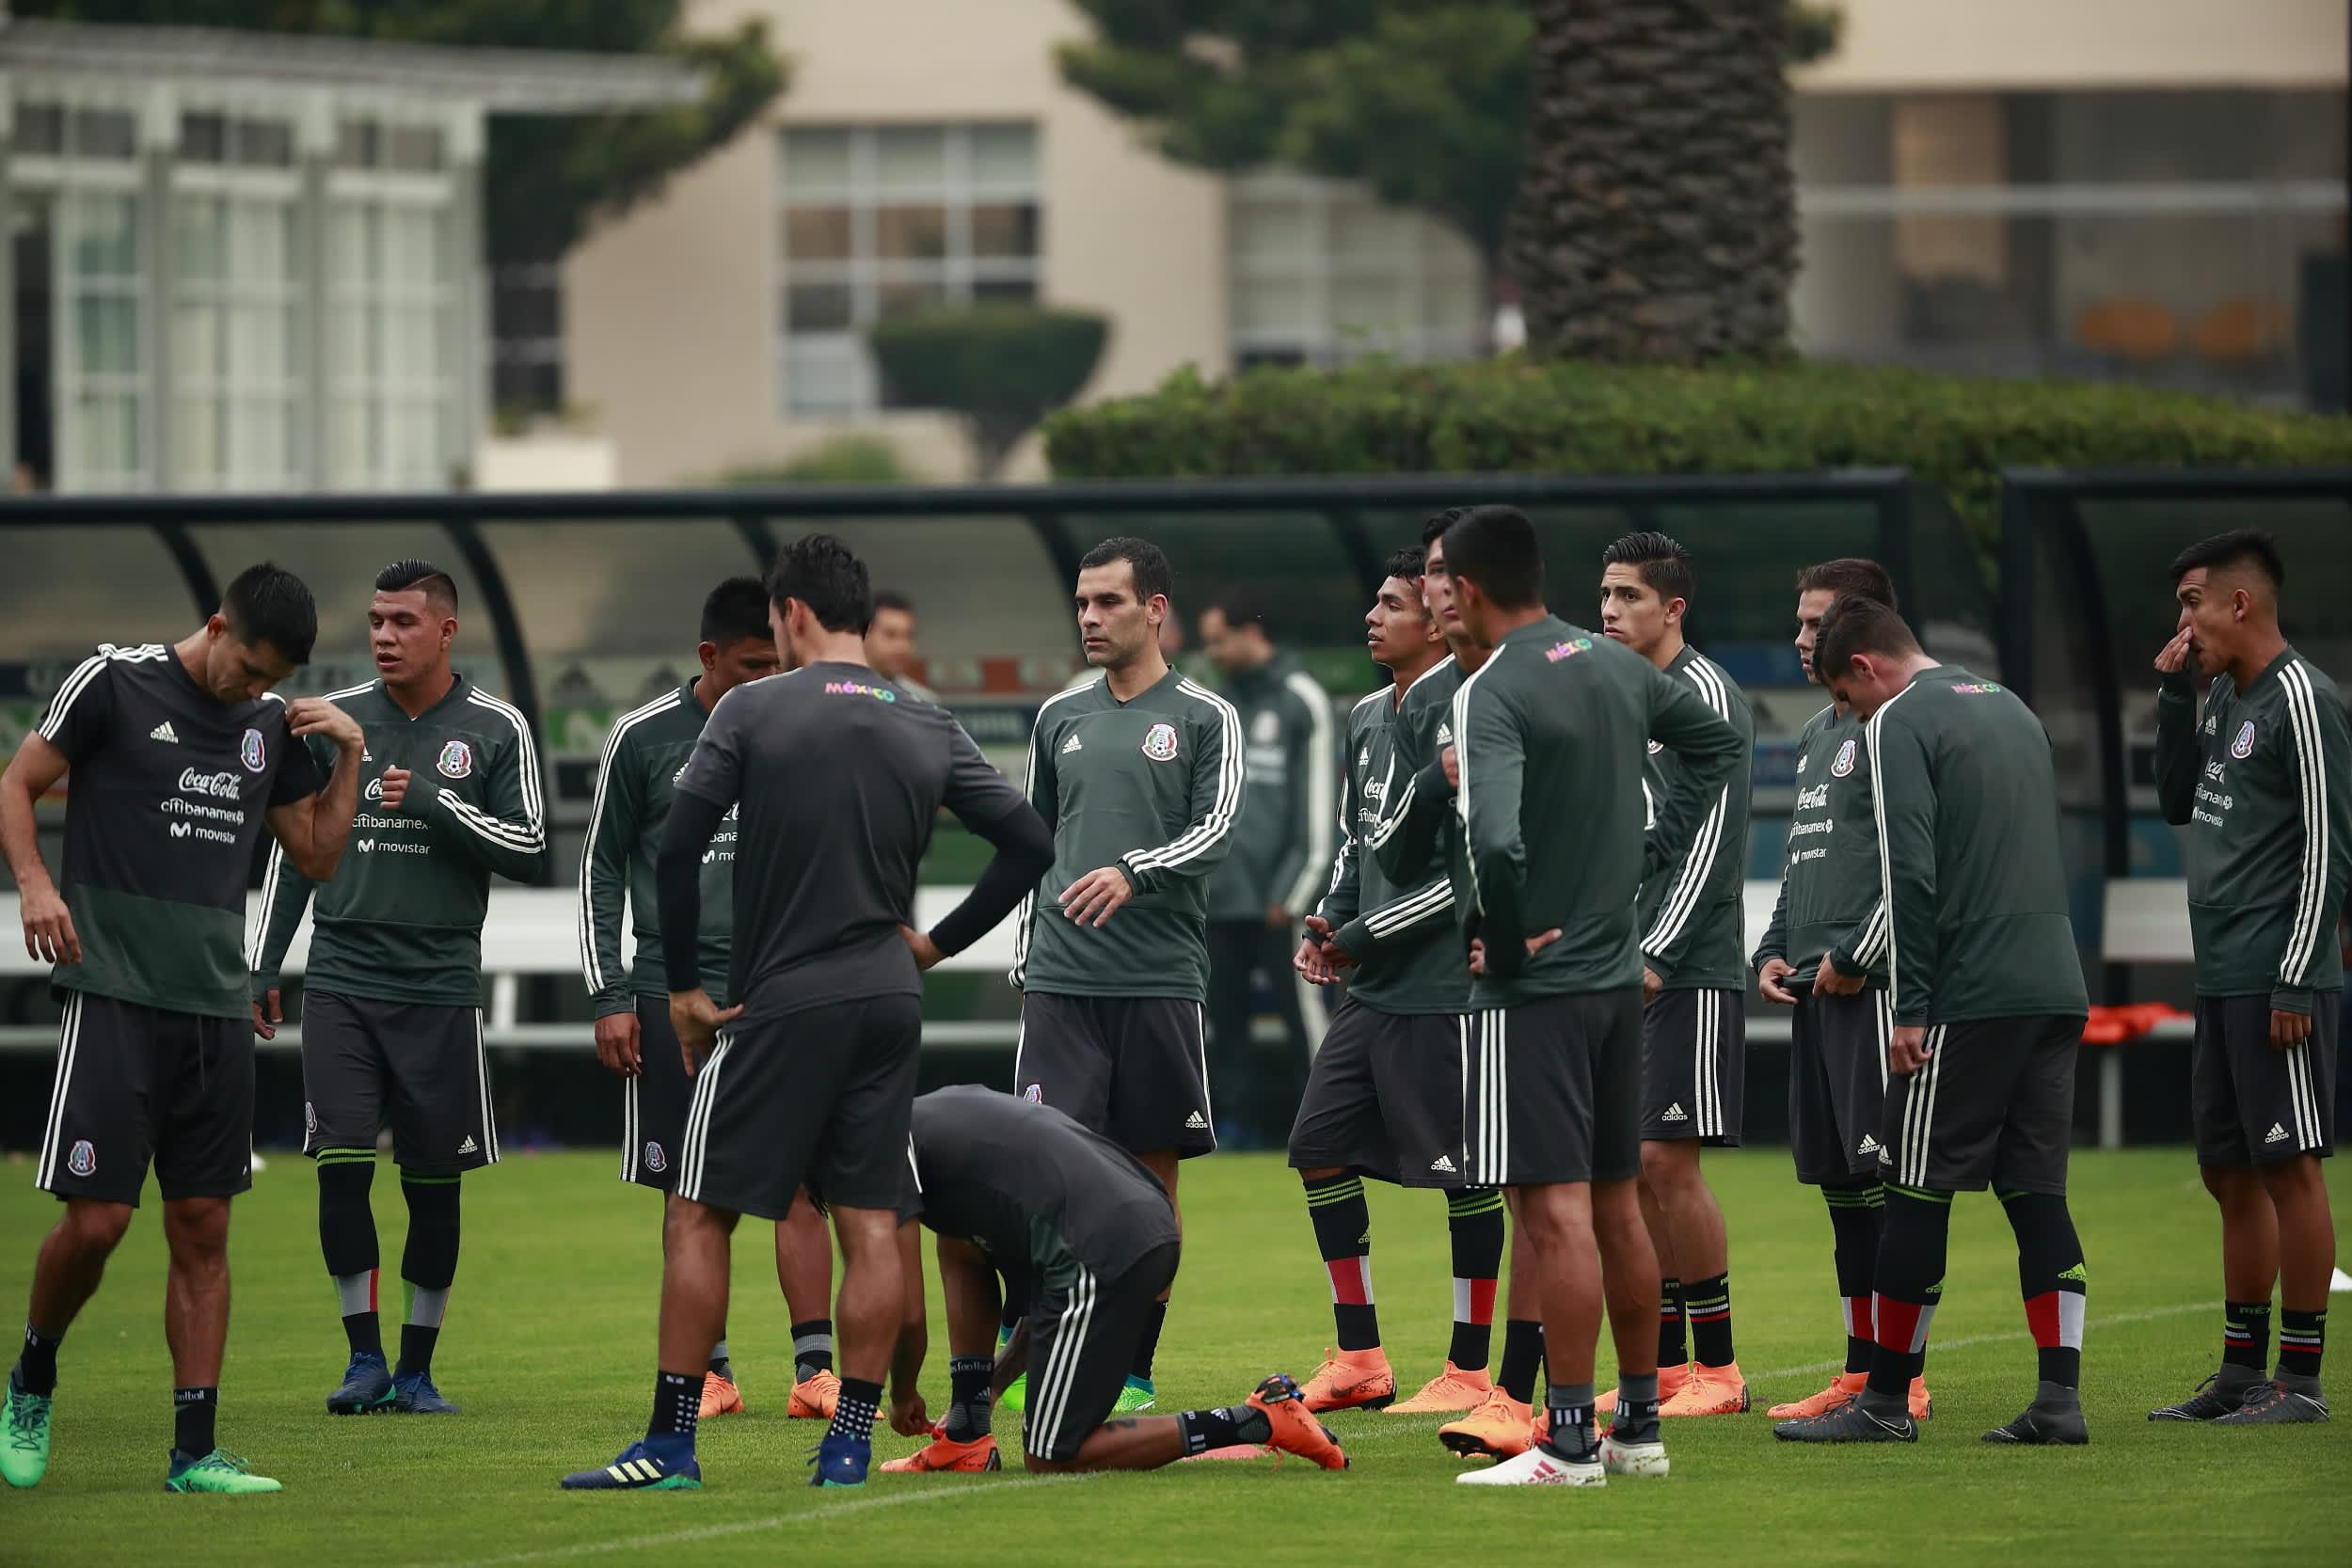 Meksikon MM-joukkue jalkapallossa